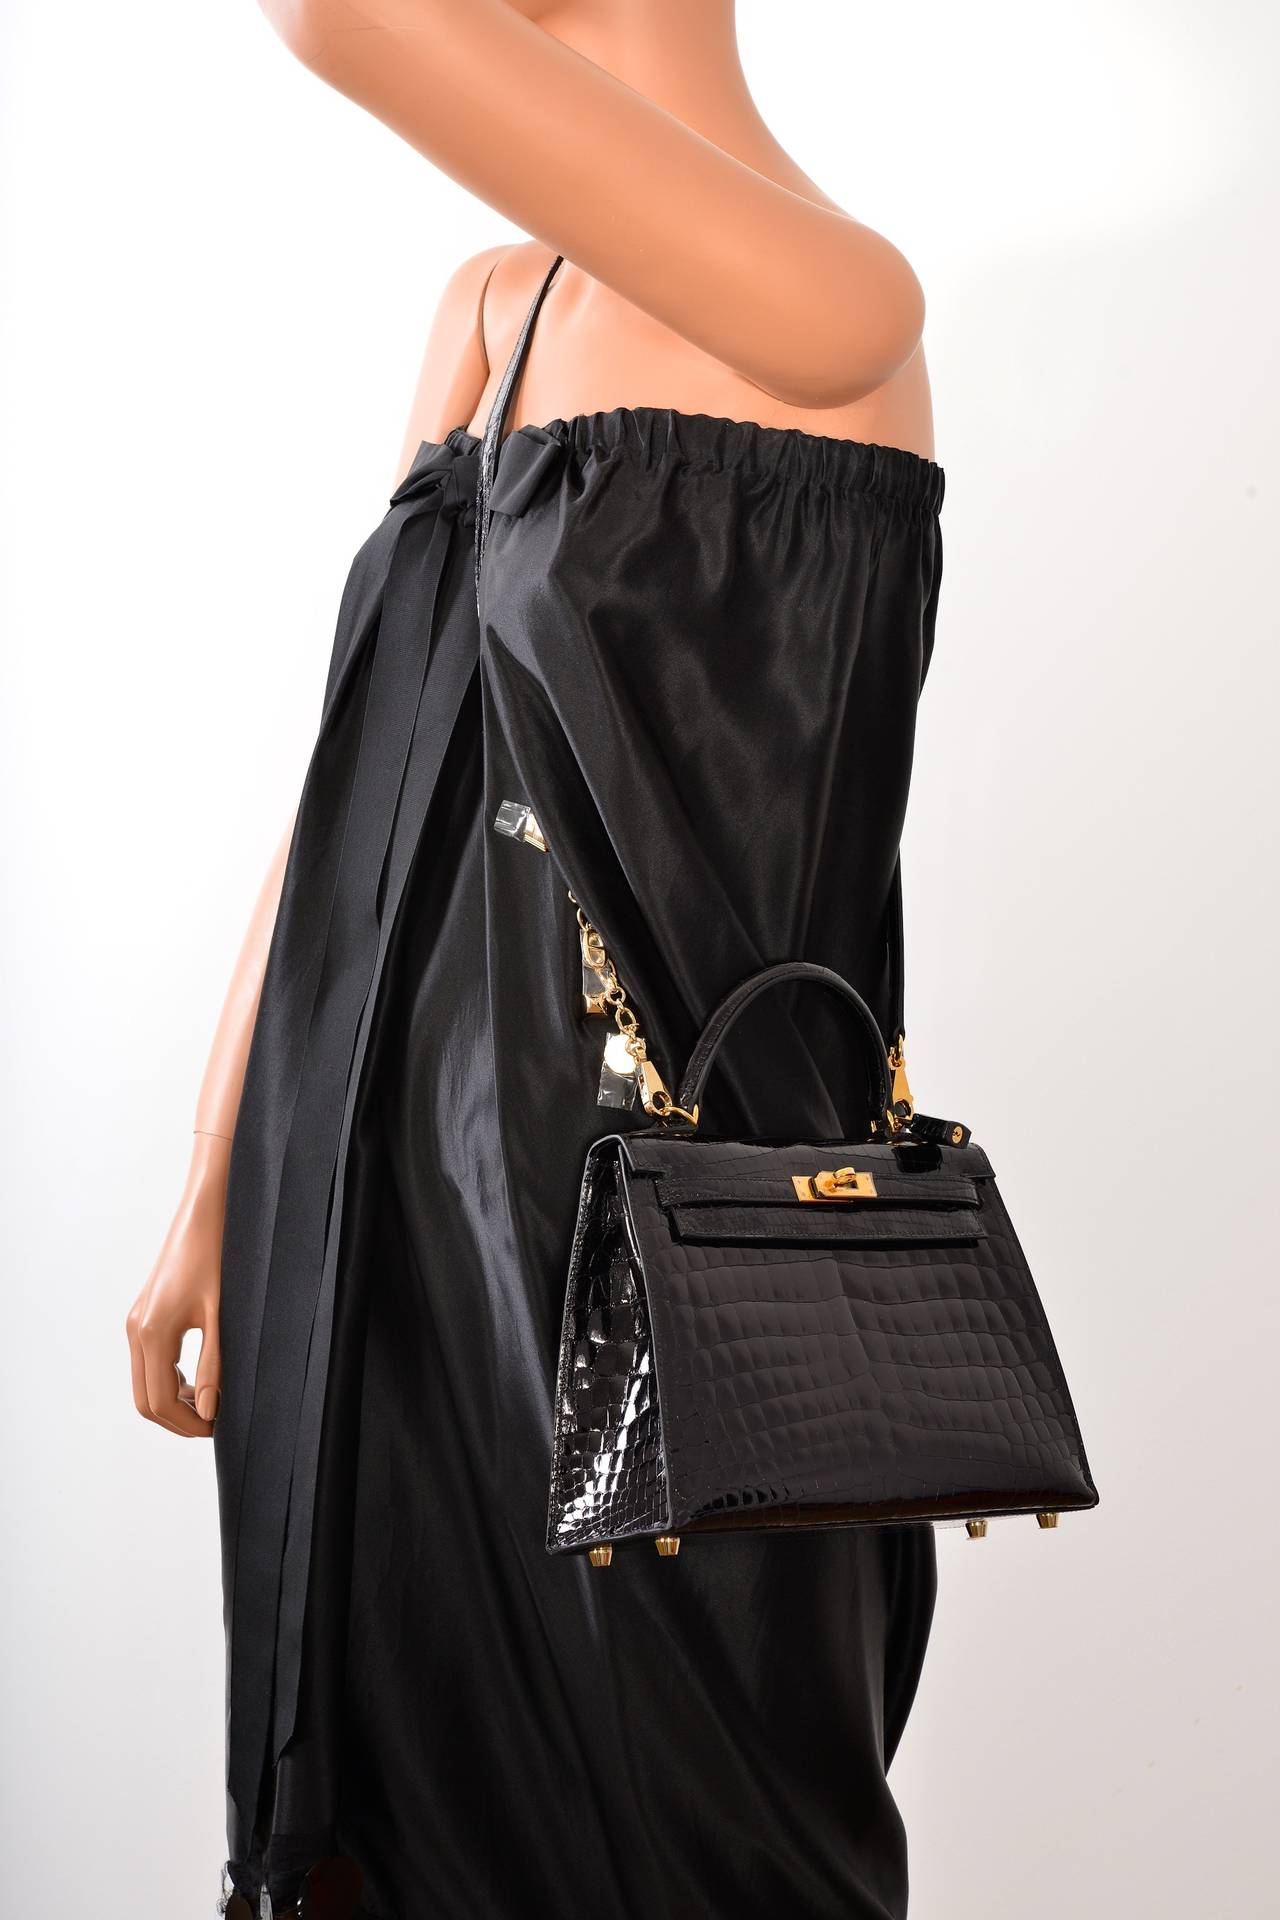 small brown handbag - SUPER RARE INCREDIBLE HERMES KELLY BAG 25cm BLACK NILO CROCODILE ...